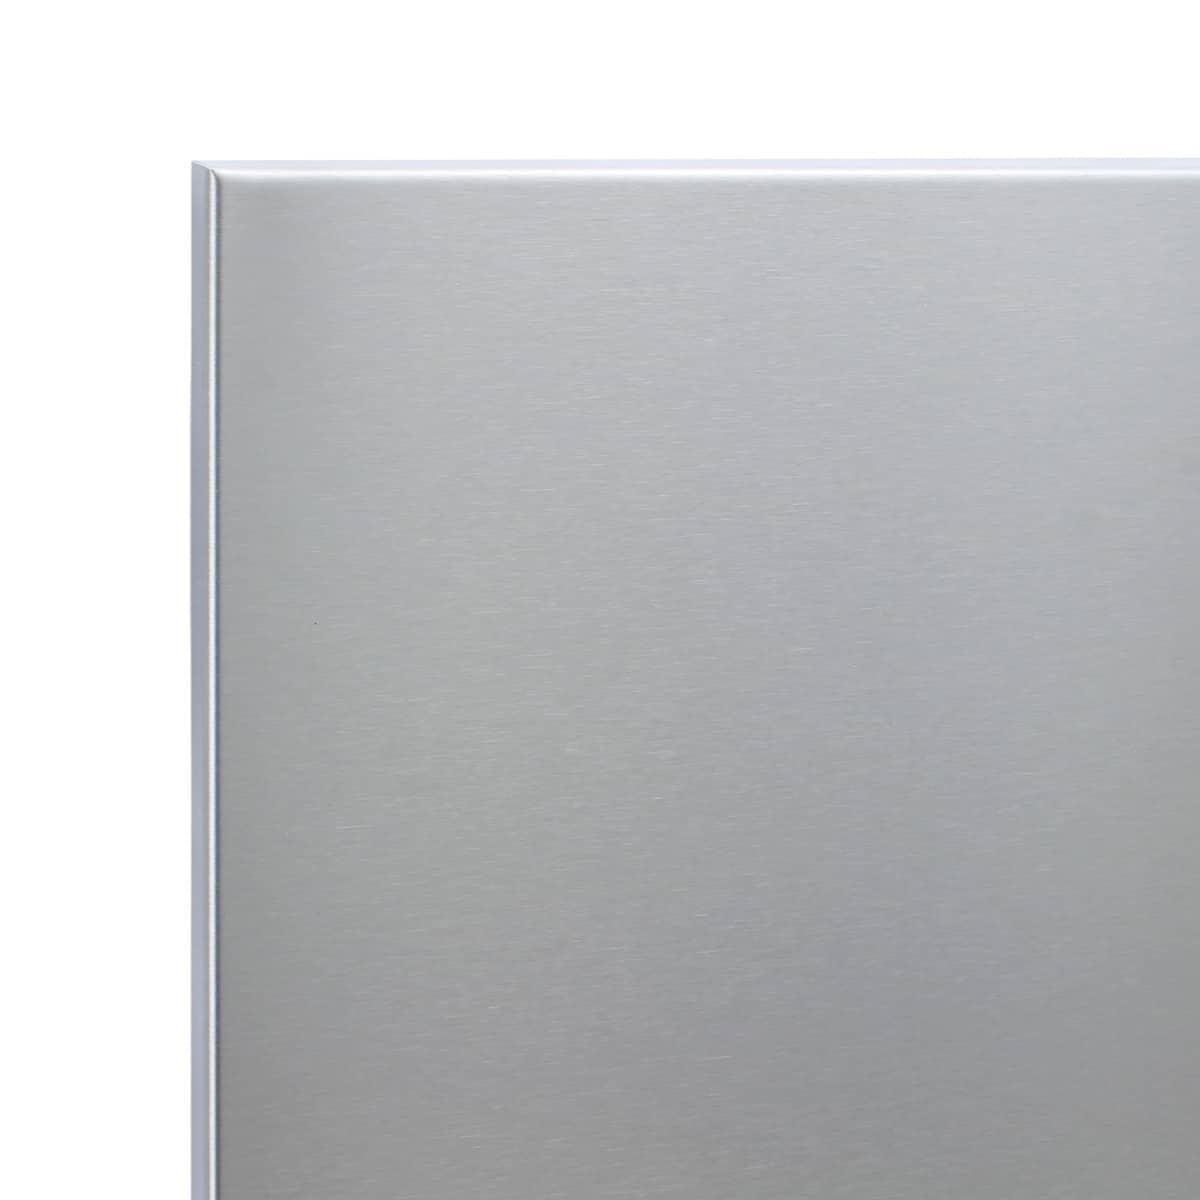 Verrassend RVS achterwand van 90 x 75 cm kopen? | rvs-achterwand.nl LH-84